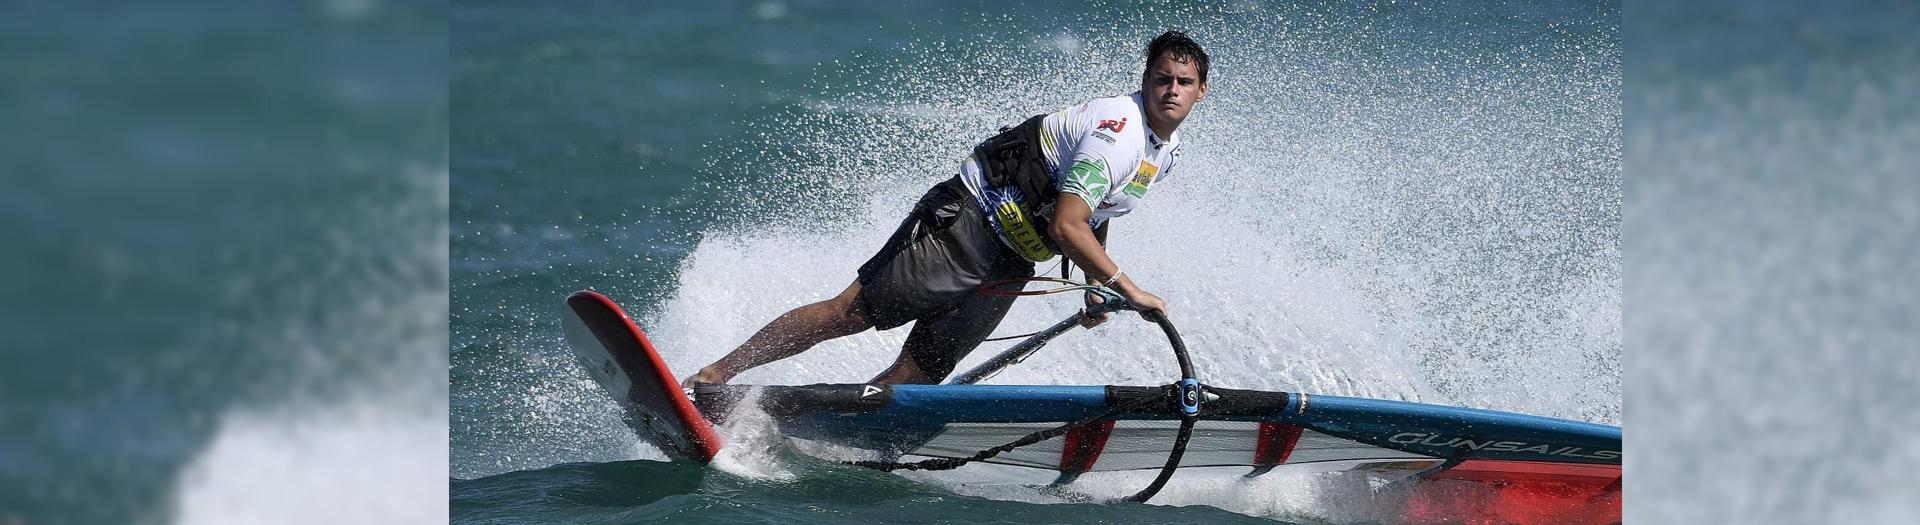 Fabian Wolf Foil Windsurf Deutscher Windsurf Cup